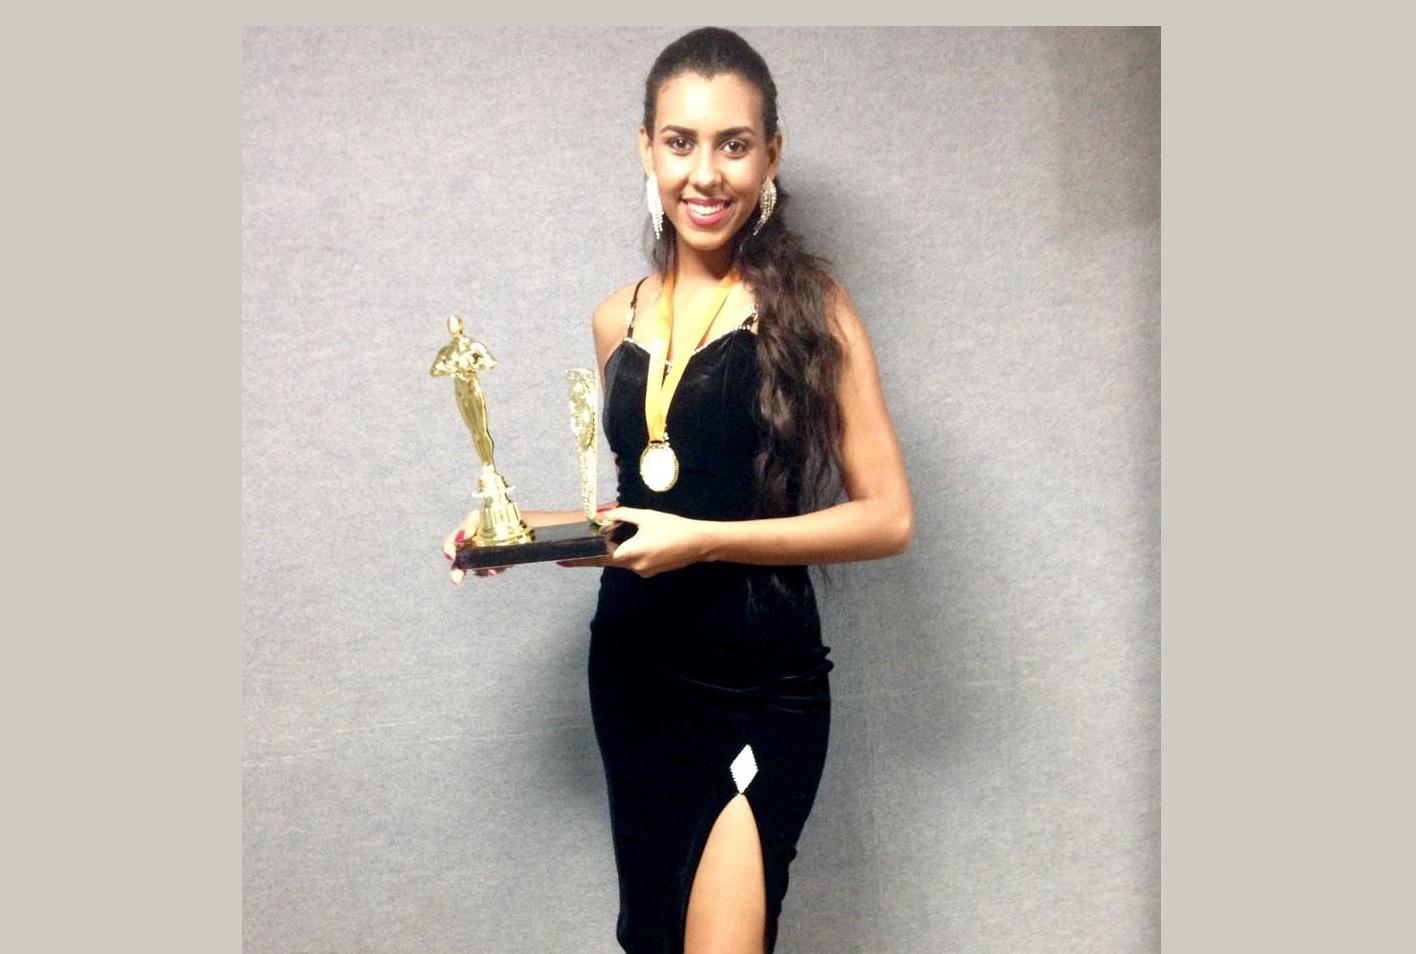 noticia Conheça Layane Lopes Carvalho, a Miss São Paulo Elegância Model 2017 que já conquistou 18 títulos de Miss